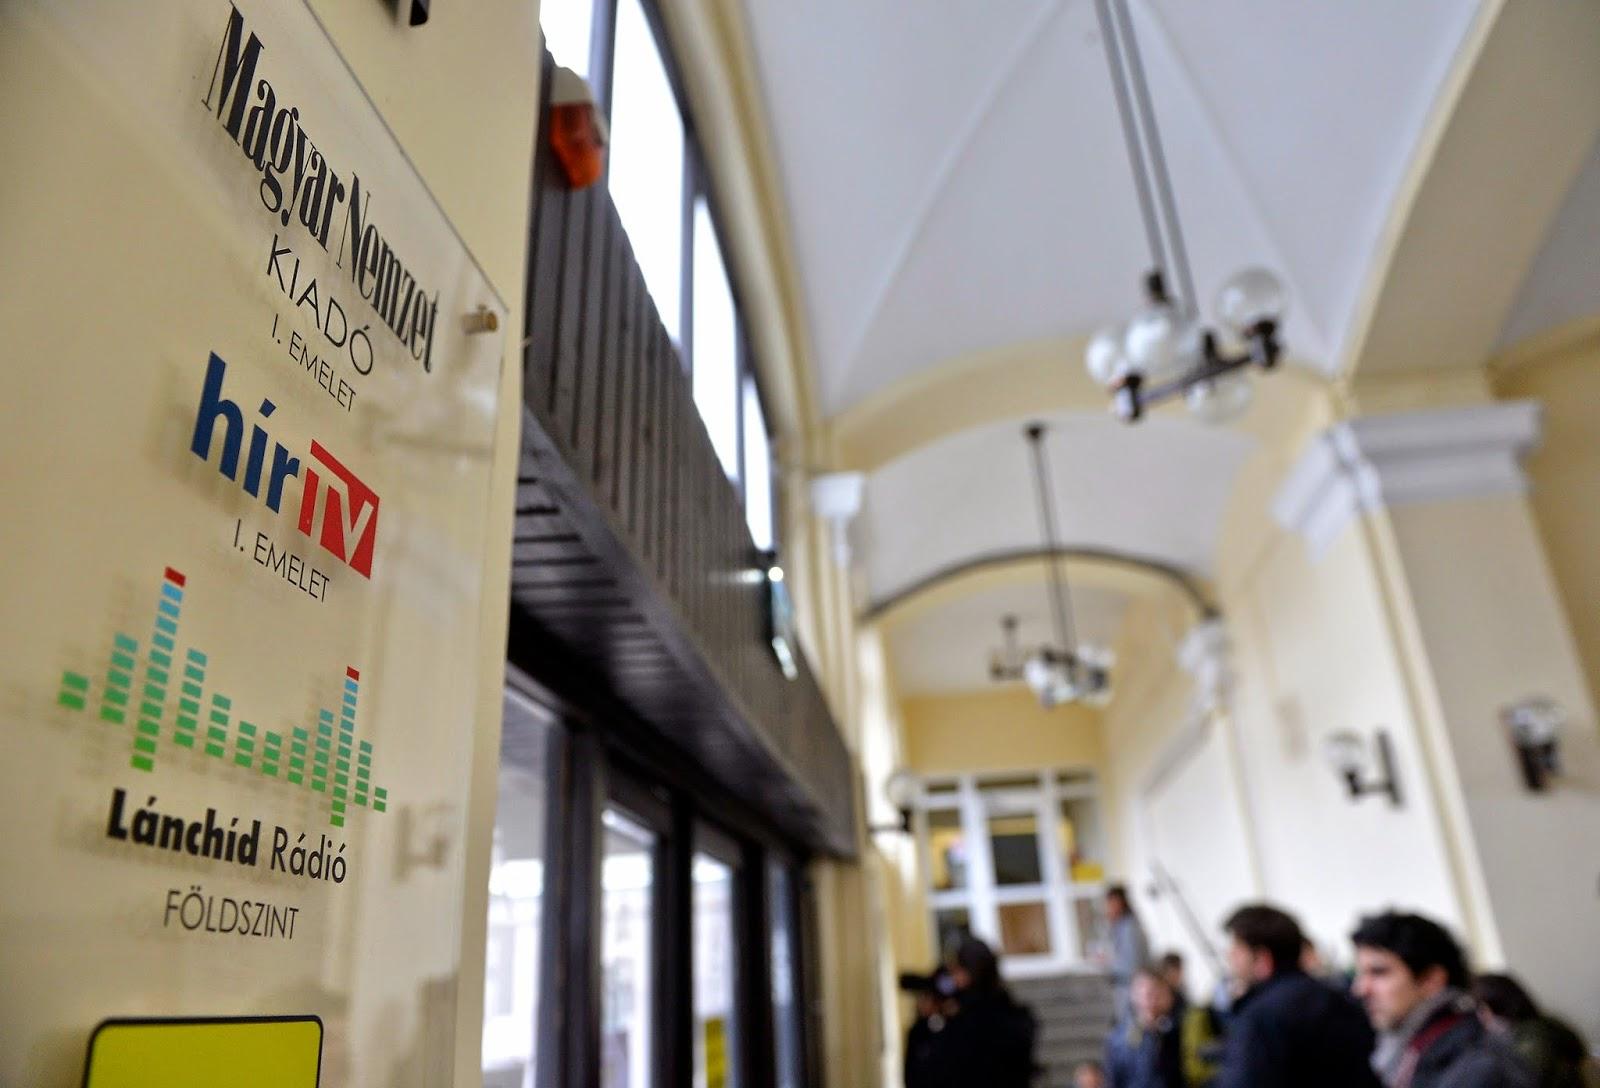 Orbán Viktor, Simicska Lajos, Simicska kontra Orbán, sajtó, média, reklámadó, Magyar Nemzet, HírTV, Lánchíd Rádió, Orbán